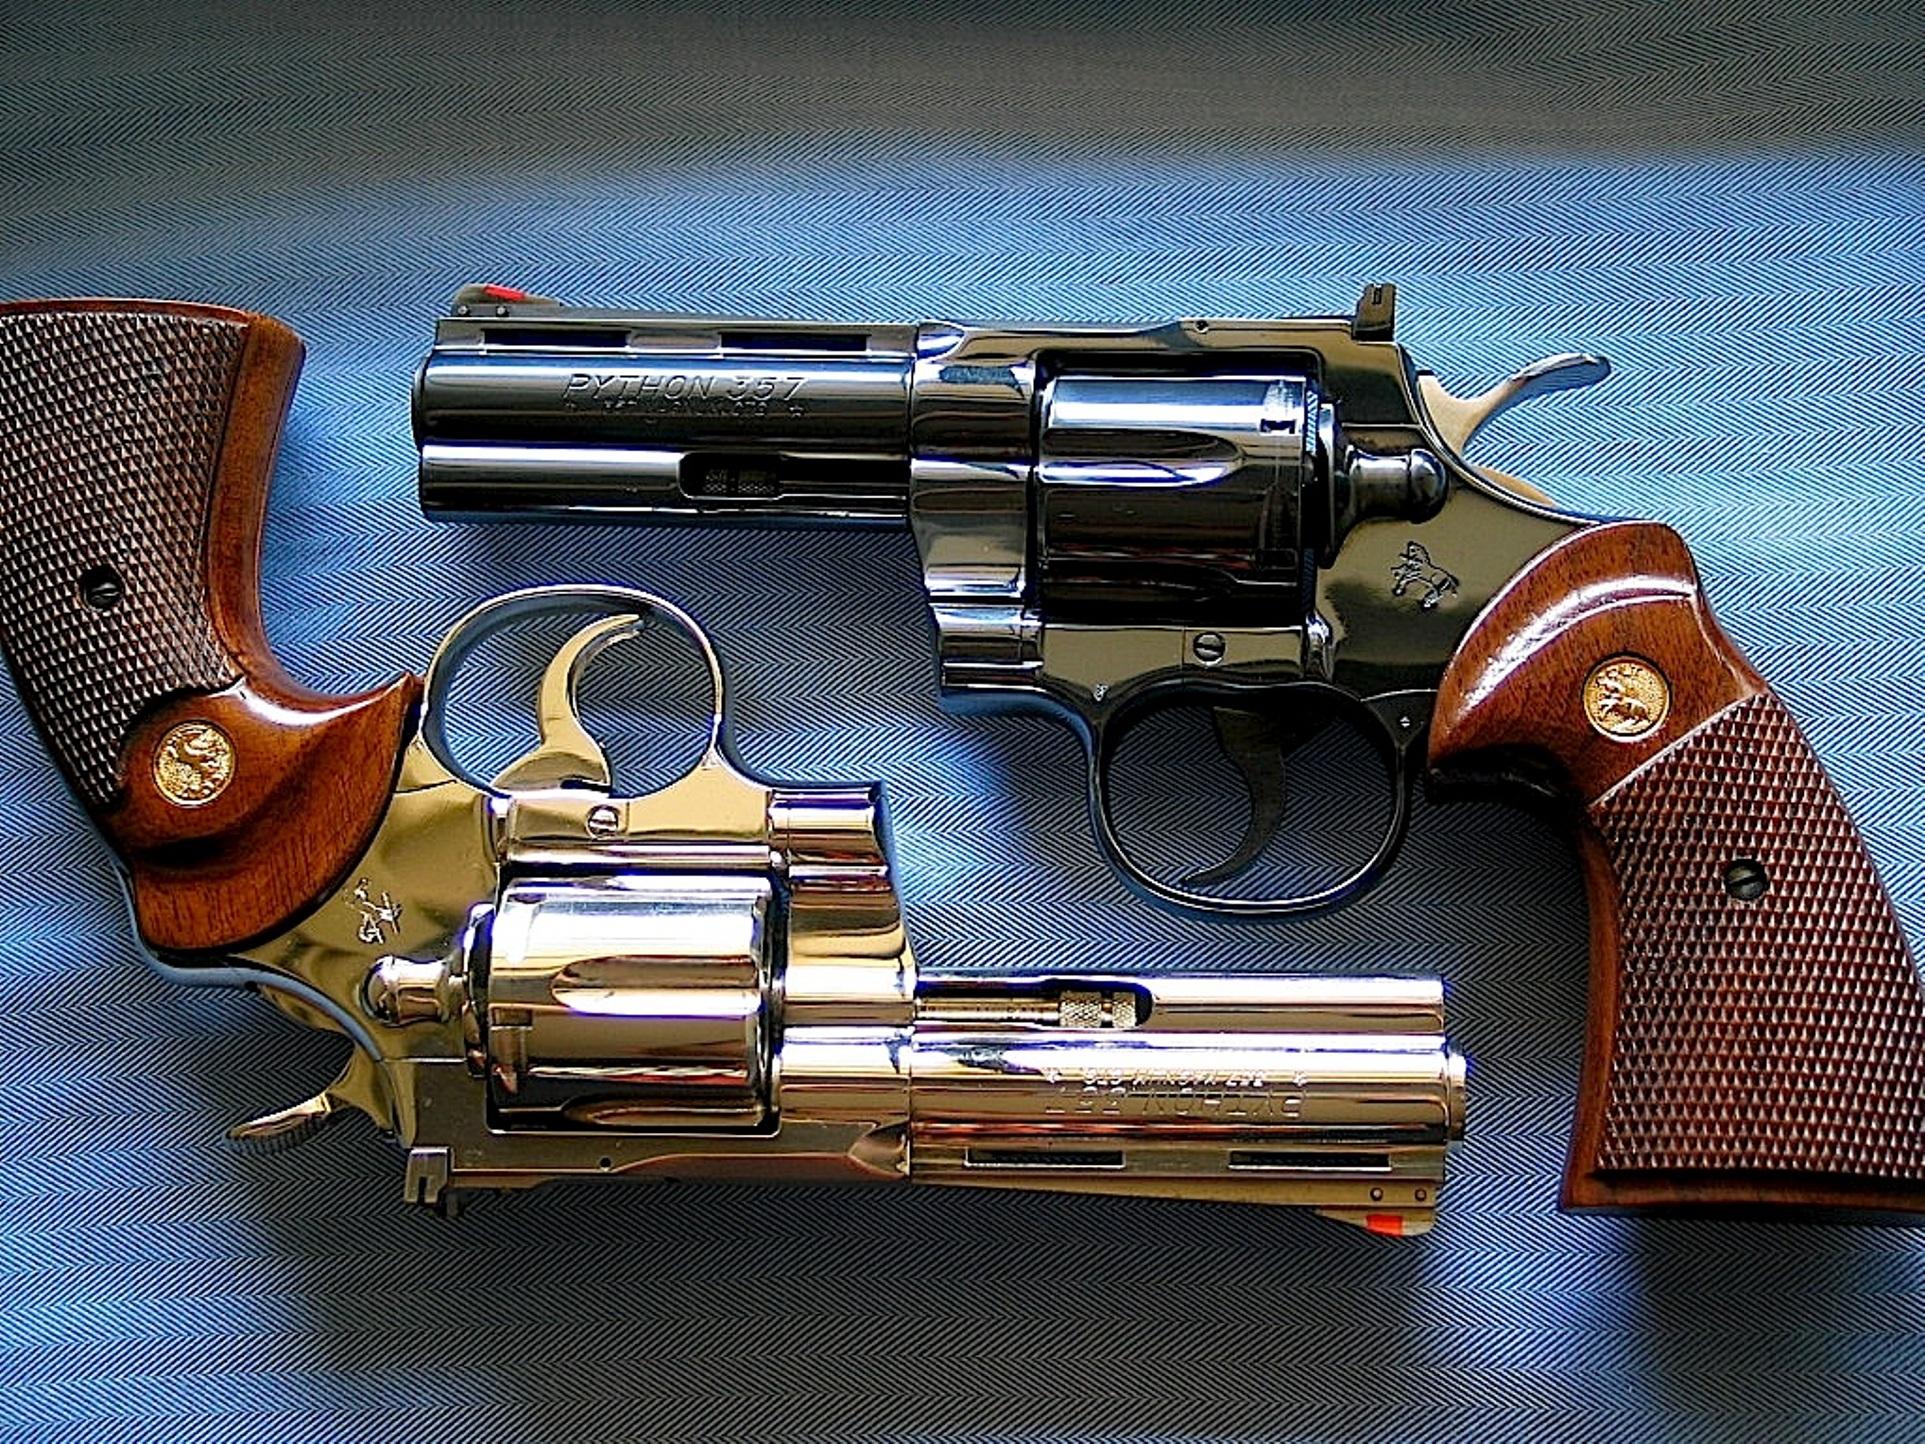 HQ Colt Python Revolver Wallpapers   File 1368.07Kb